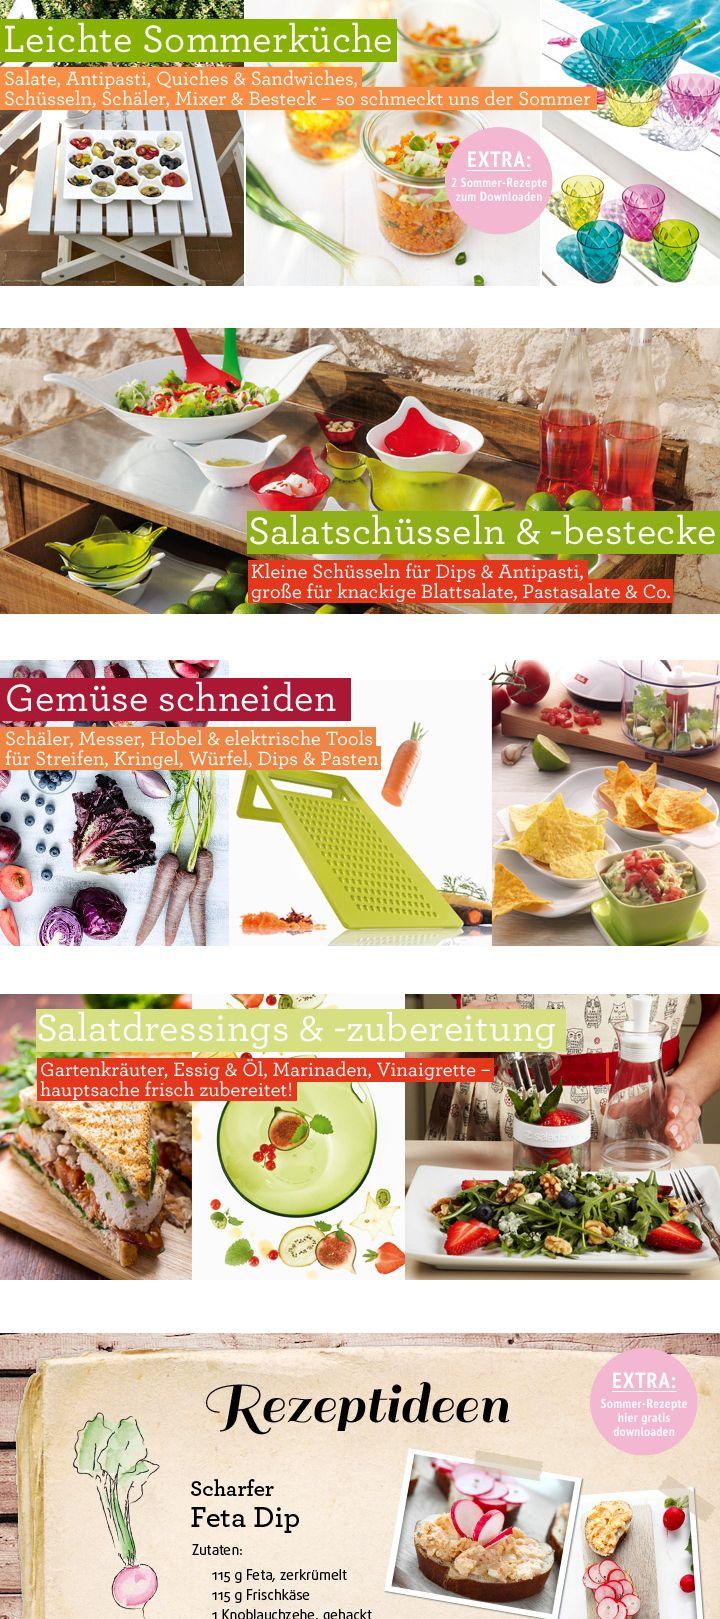 design3000 Leichte Sommerküche – Küchenhelfer, Geschirr & Rezepte ...